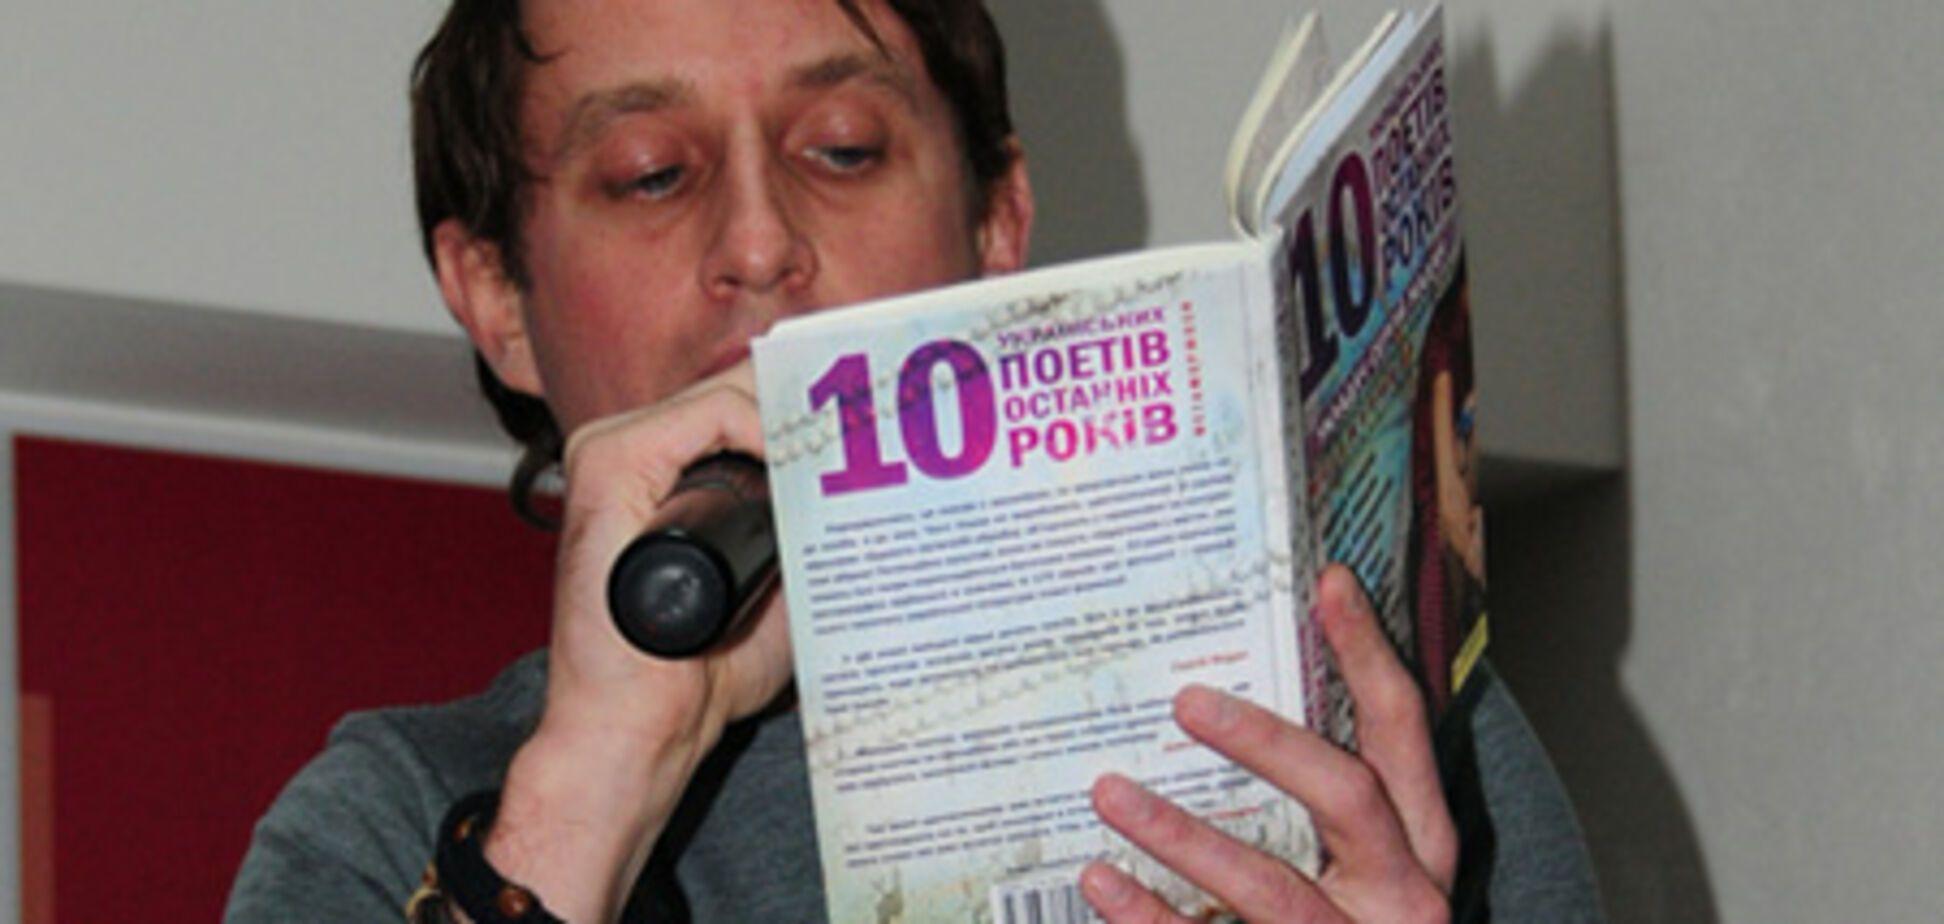 Збірник десяти поетів, яких читає Сергій Жадан